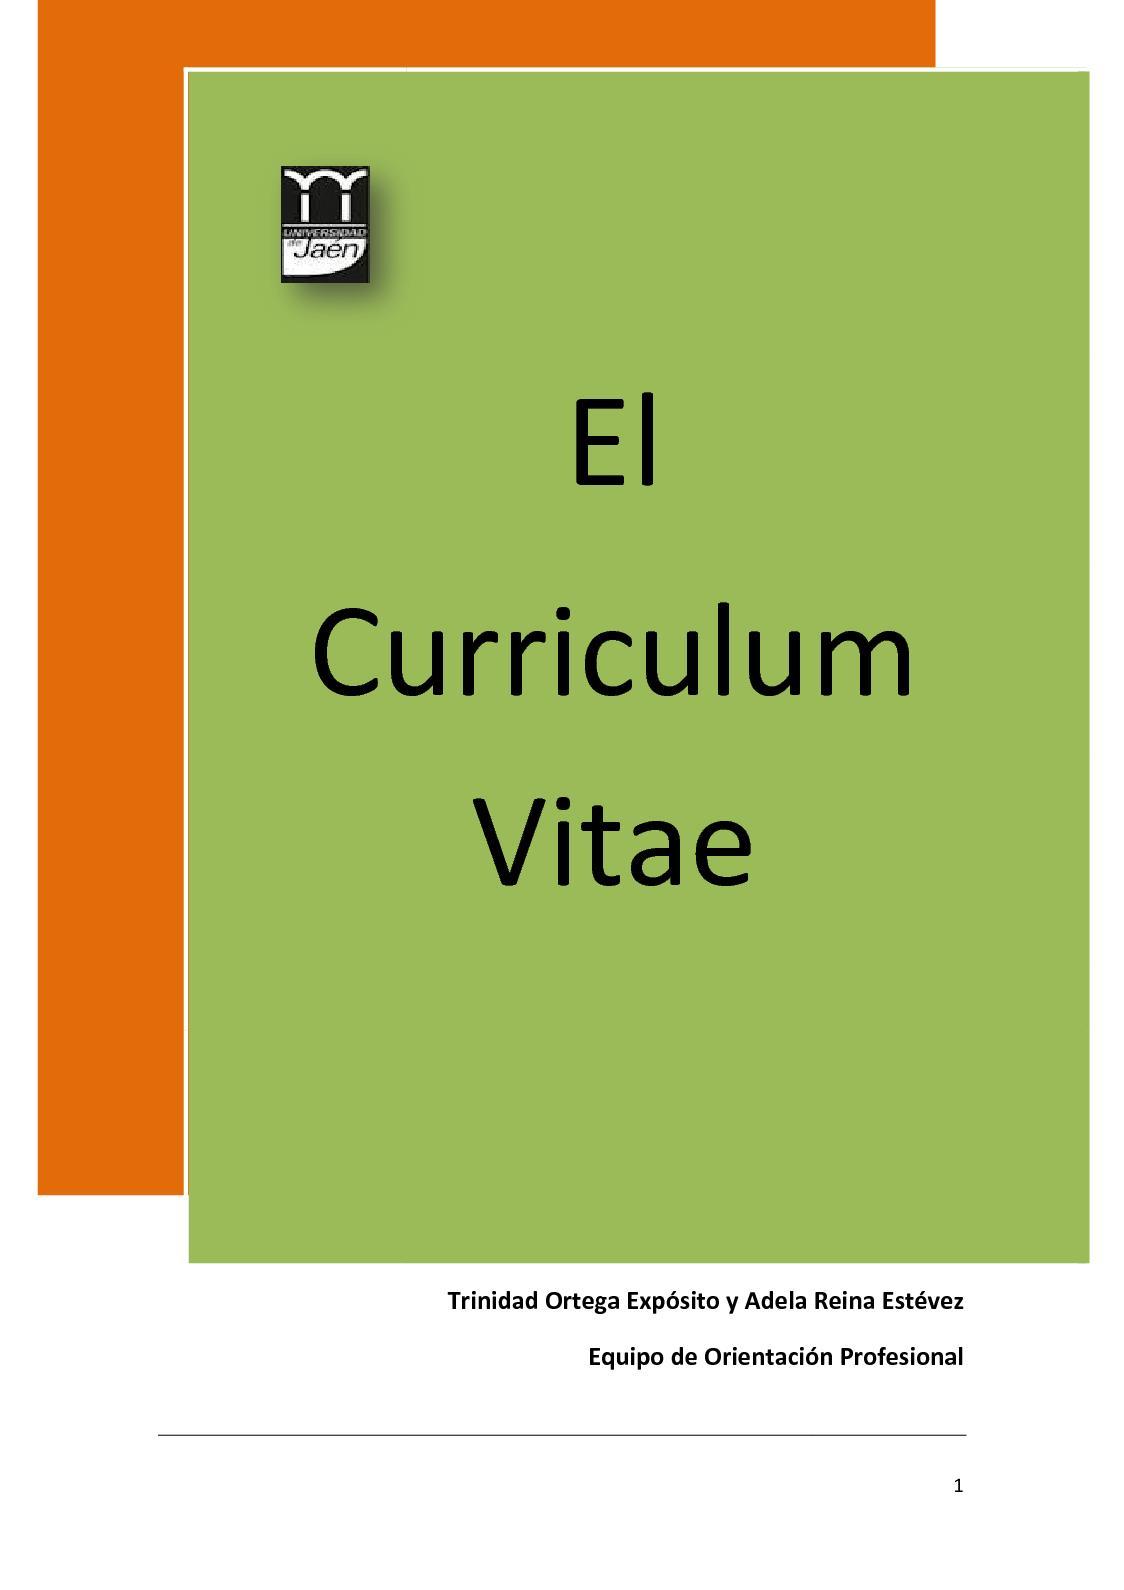 Calaméo - Curriculum Vitae